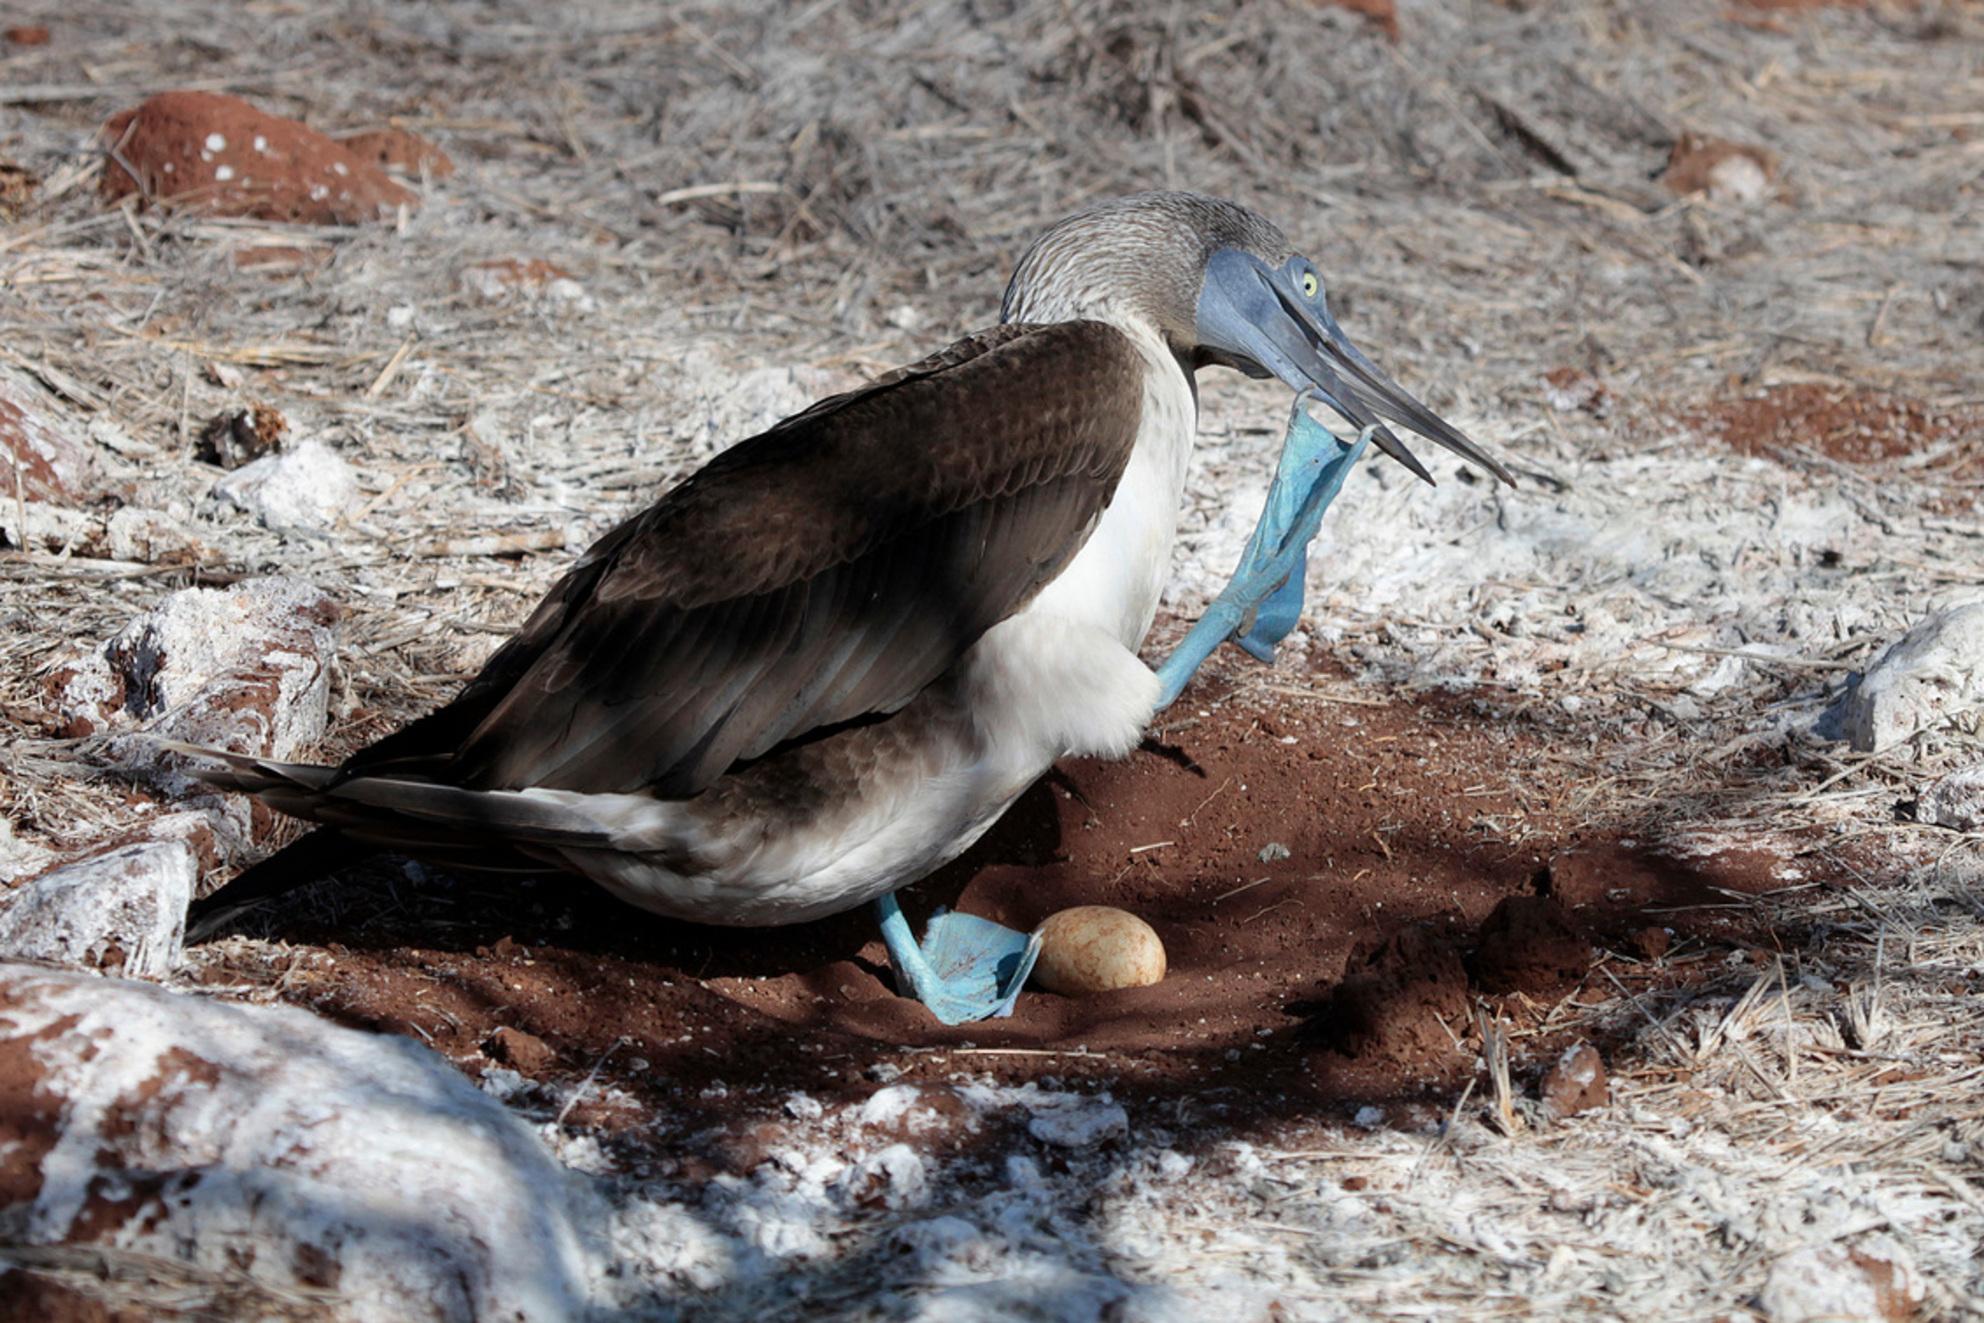 Blauwvoetgent - een blauwvoet Jan van Gent in de Galapagos. Niet bang voor mensen en je loopt zo tussen de nesten door...heel bijzonder - foto door Lathyrus op 21-09-2013 - deze foto bevat: galapagos, vogelnest, jan van gent, blauwvoetgent